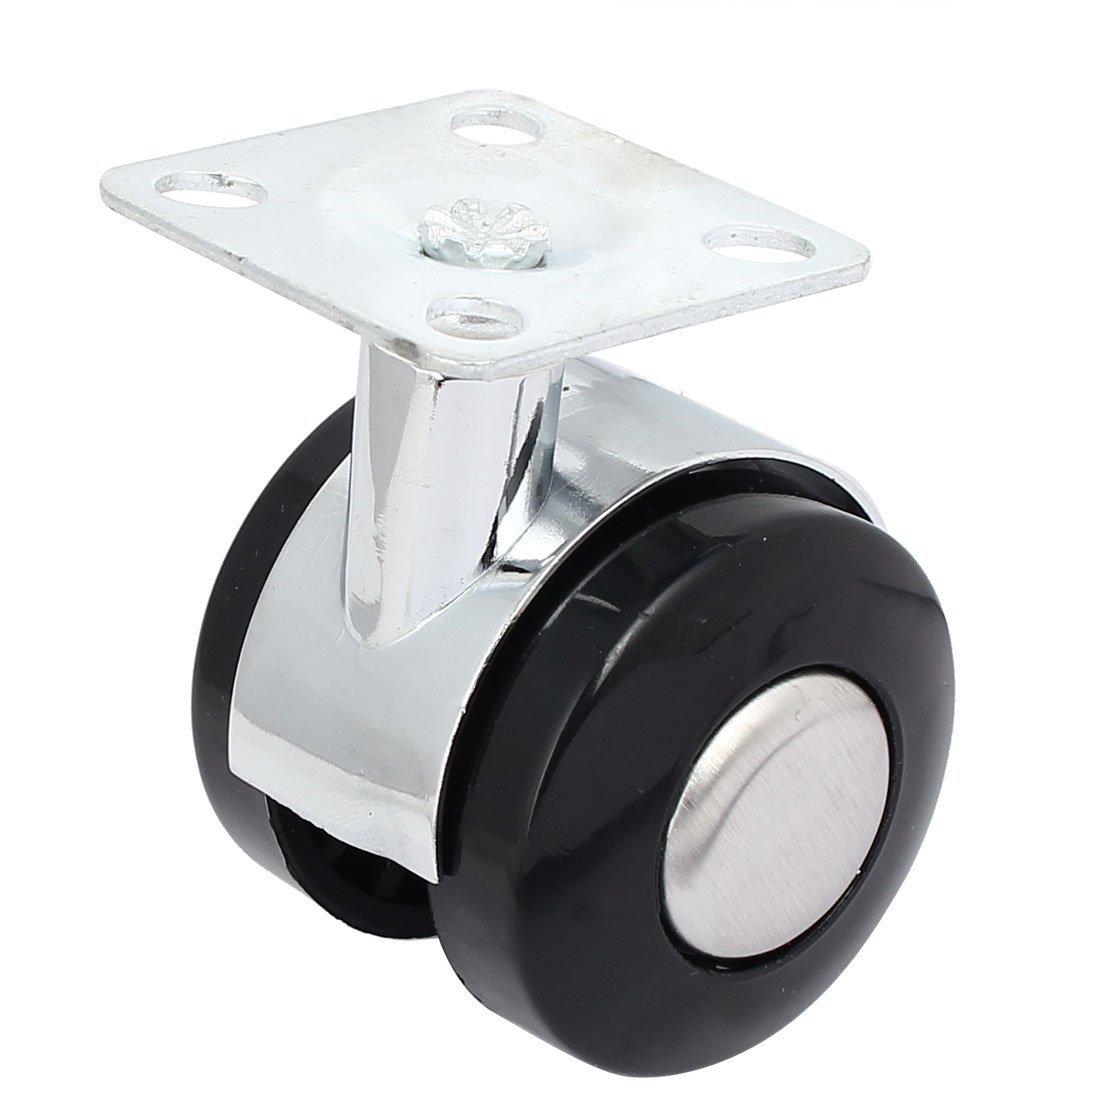 eDealMax 1, 5 pulgadas de diámetro 60mm Altura Doble Ruedas Flat Top placa giratoria ruedas giratorias 5pcs: Amazon.com: Industrial & Scientific